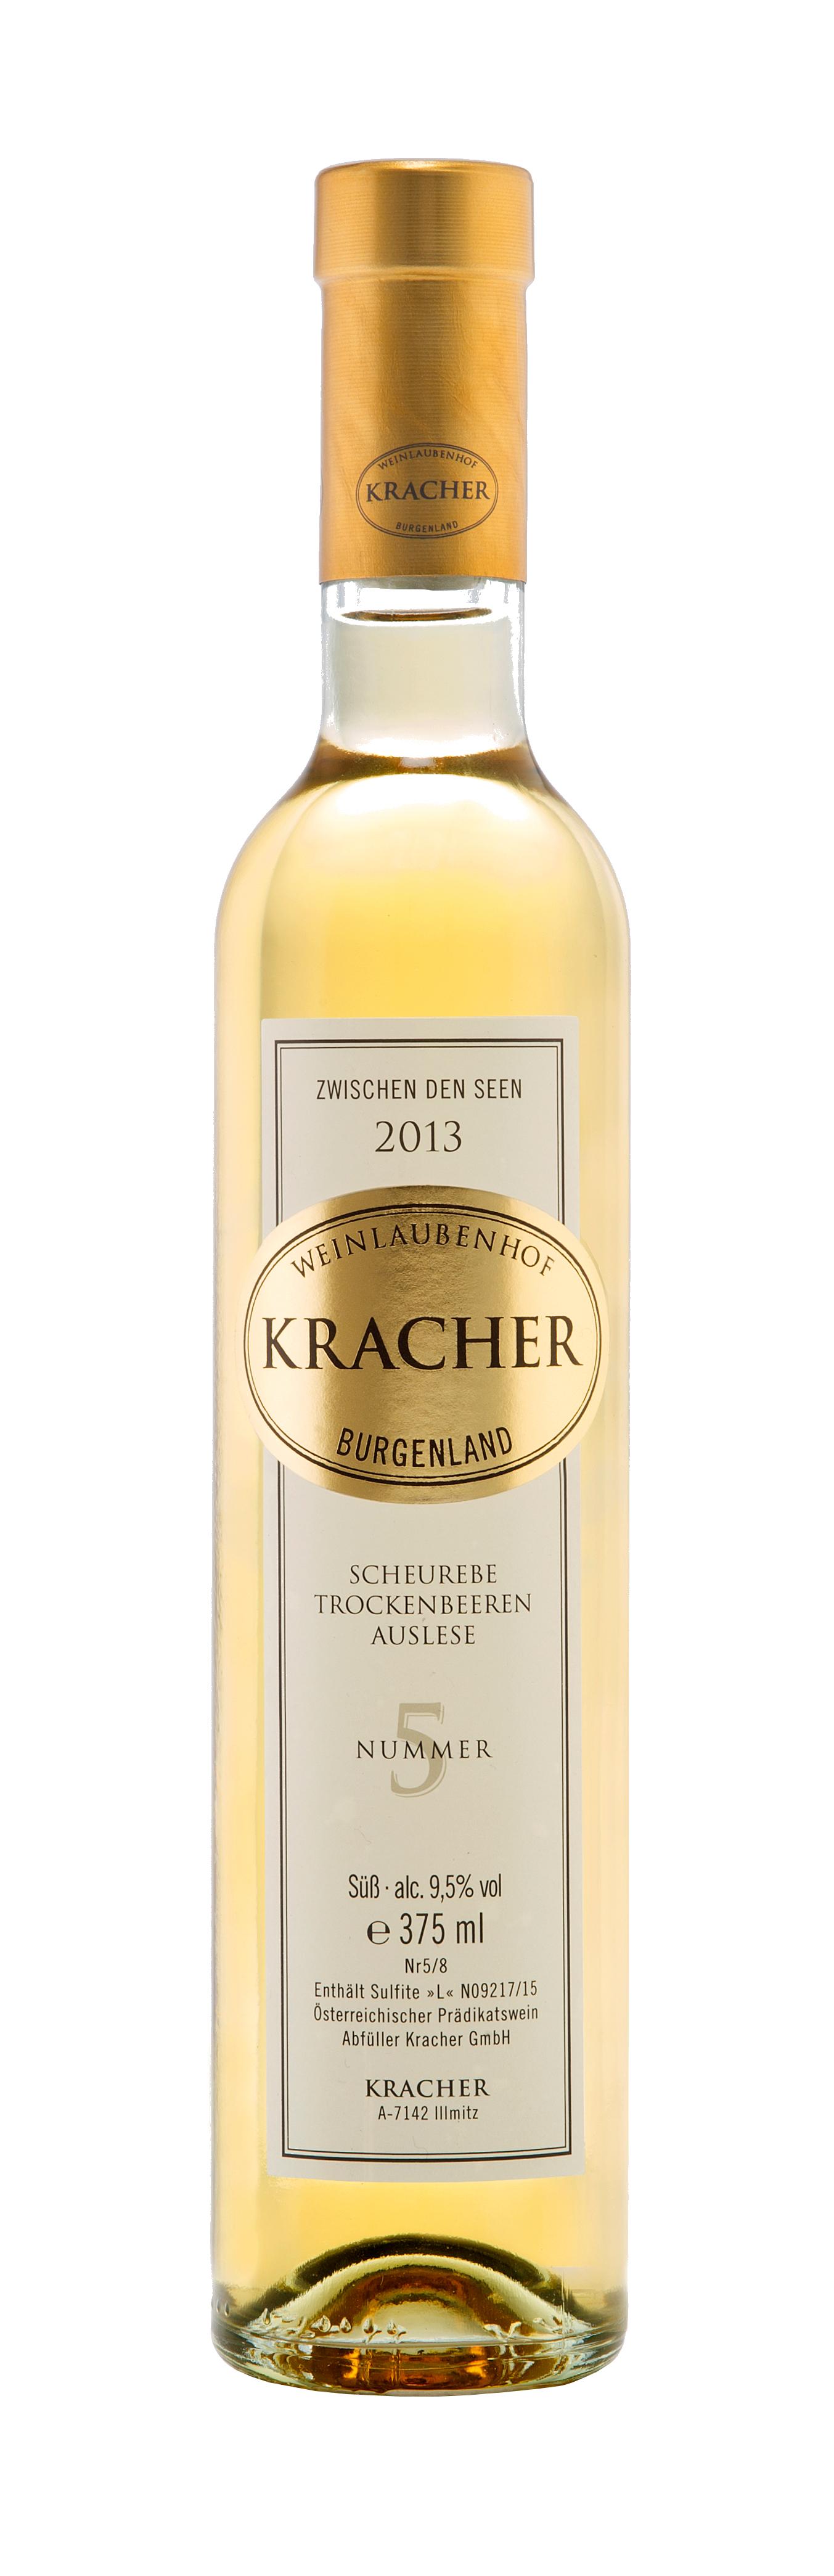 2013 TBA No. 5 Scheurebe